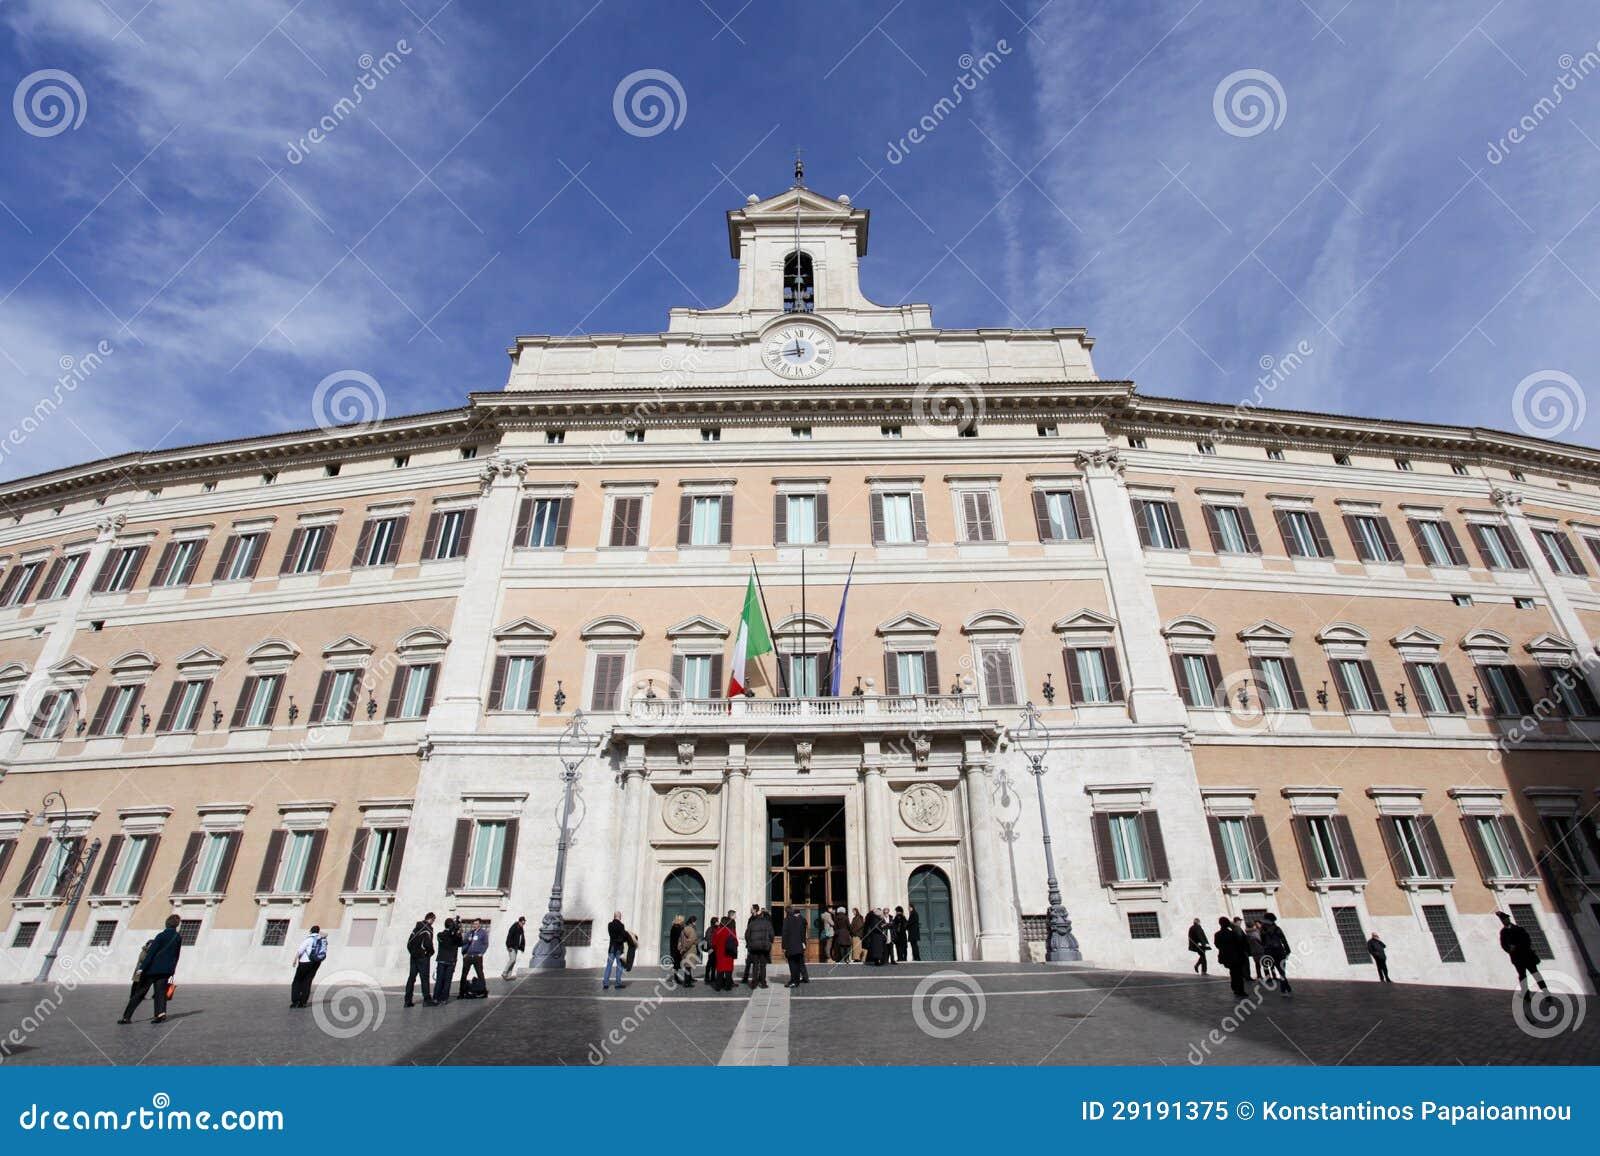 Palazzo di montecitorio a roma immagine editoriale for Il parlamento italiano